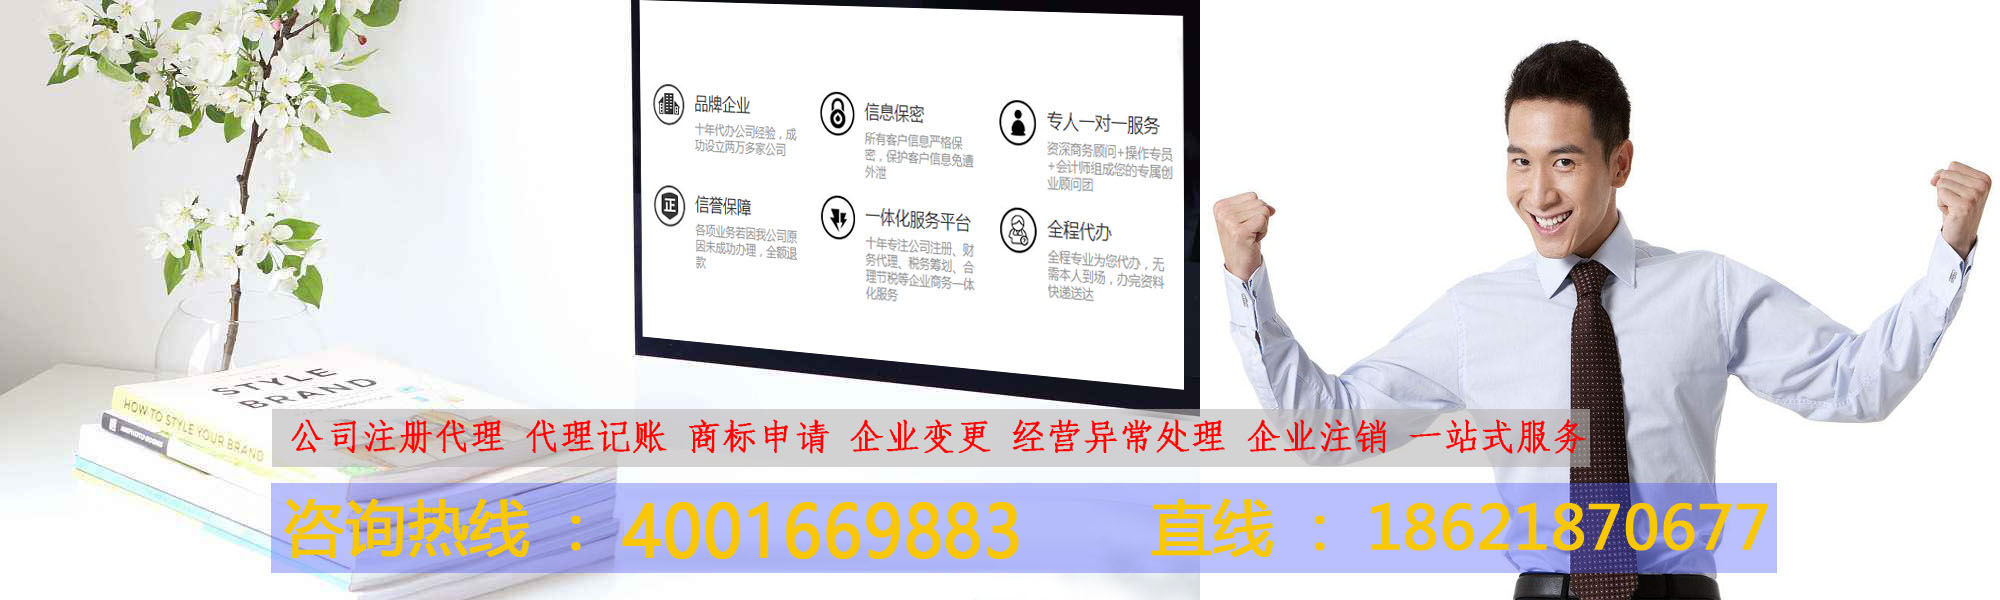 上海屏江代理注册-代办营业执照-屏江企业服务(上海)有限责任公司